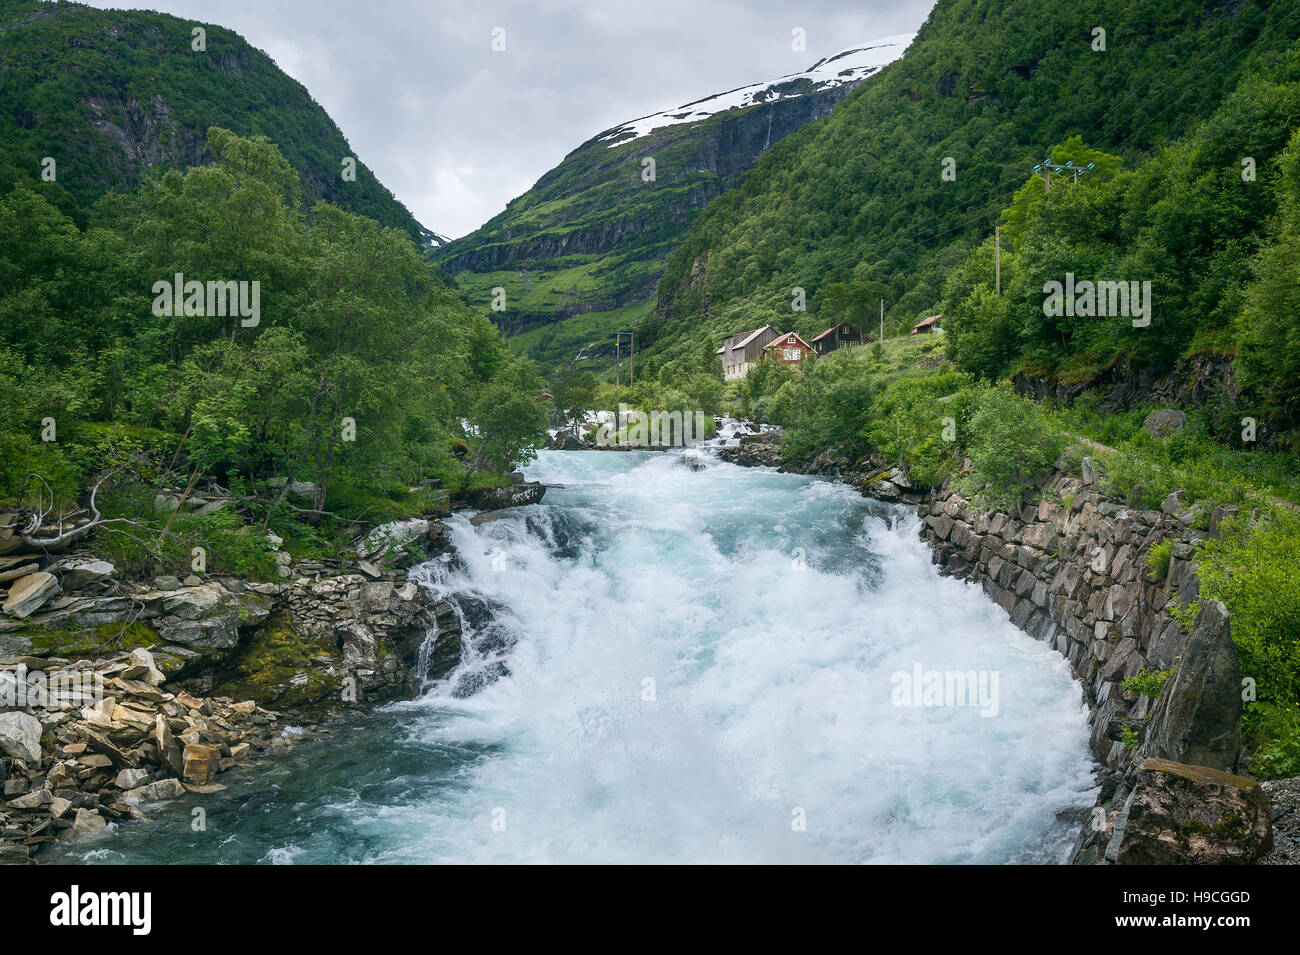 Norwegische Landschaft im ländlichen Raum mit schnellen Bergfluss Stockbild